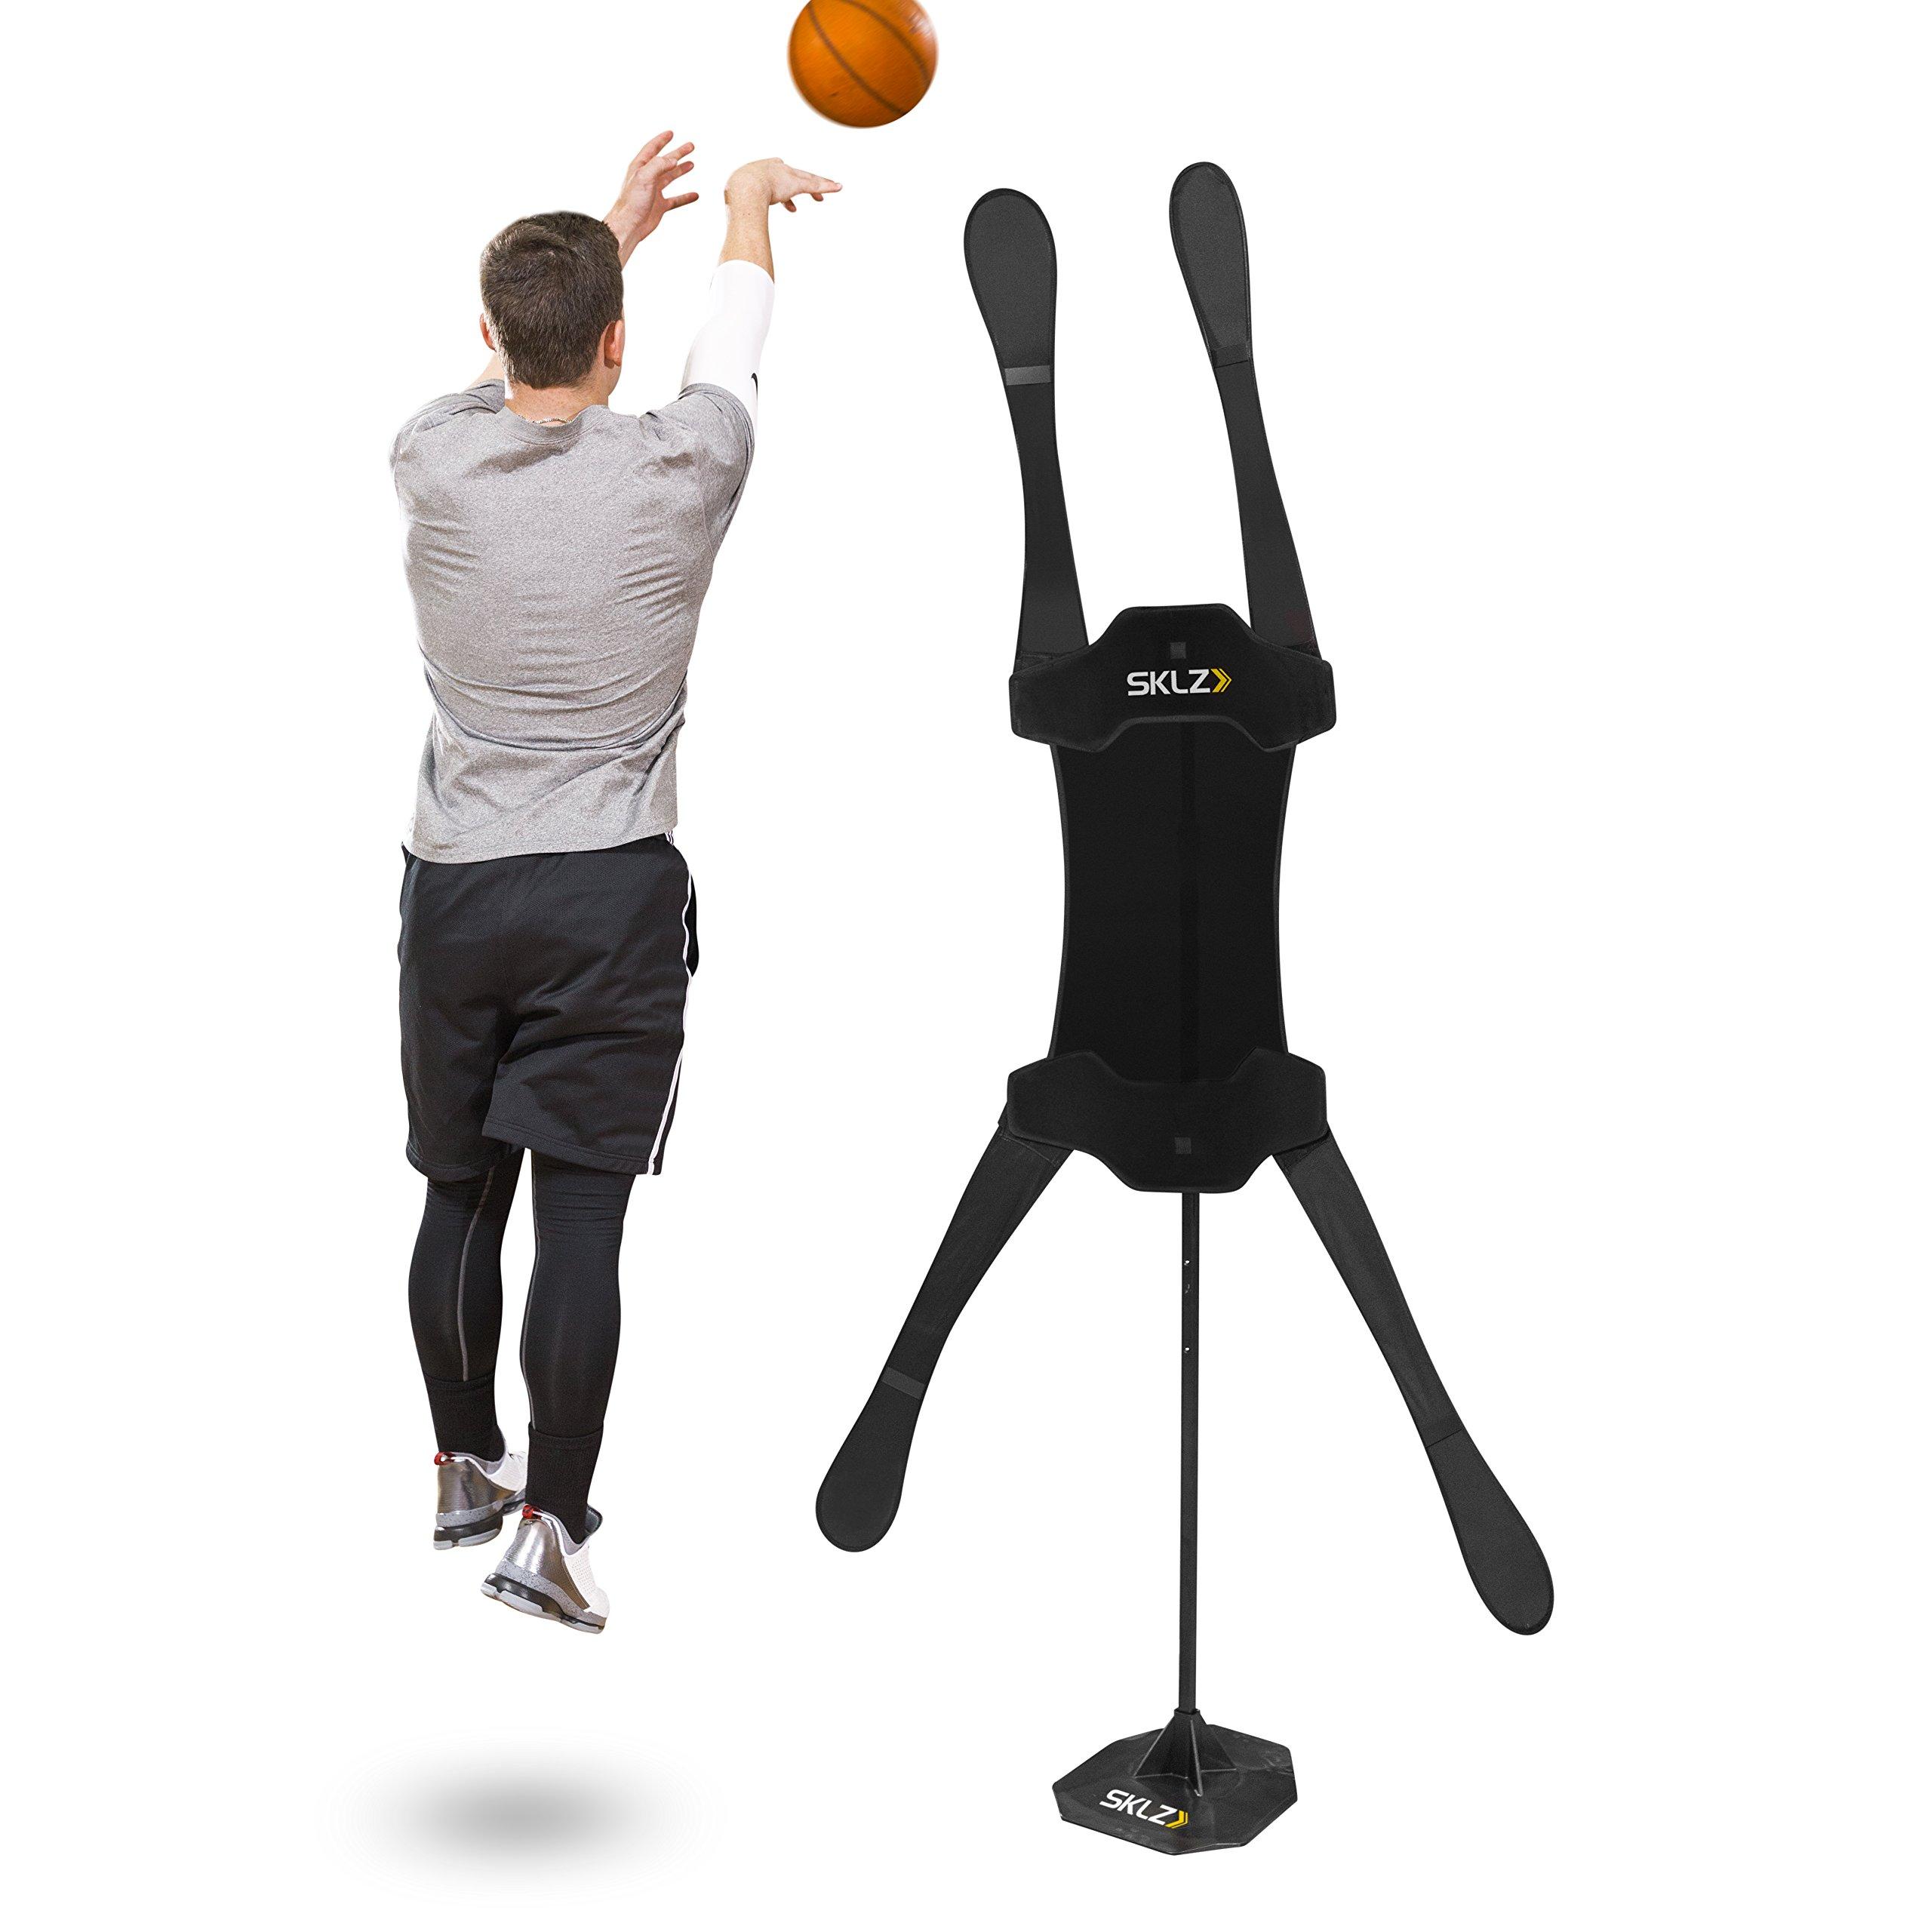 SKLZ D-Man Pro - Elite Basketball Defensive Mannequin for Offense and Defense Drills